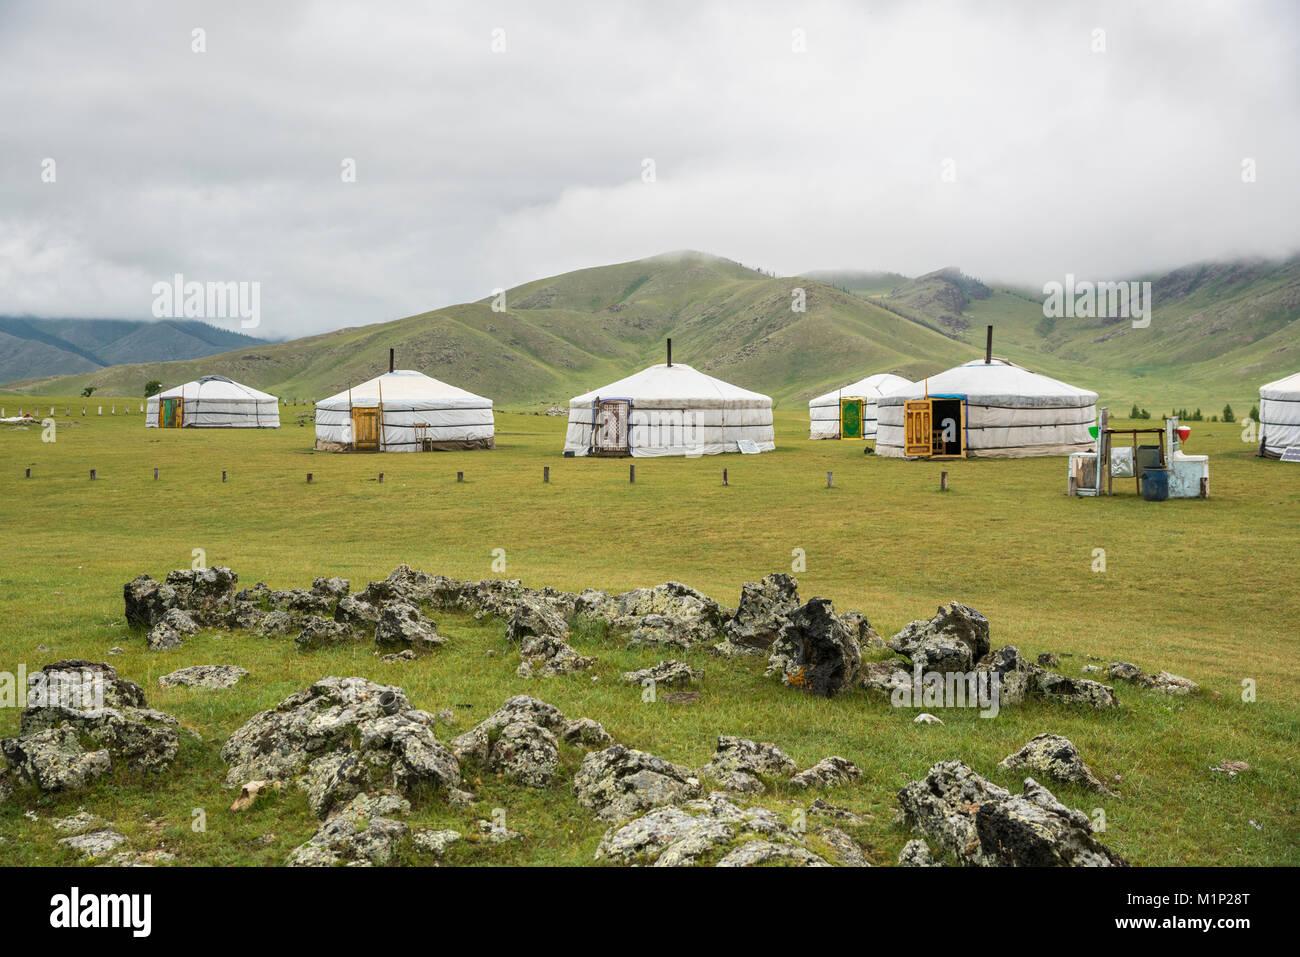 Familia nómada ger camp, Orkhon Valley, al sur de la provincia Hangay, Mongolia, Asia Central, África Imagen De Stock